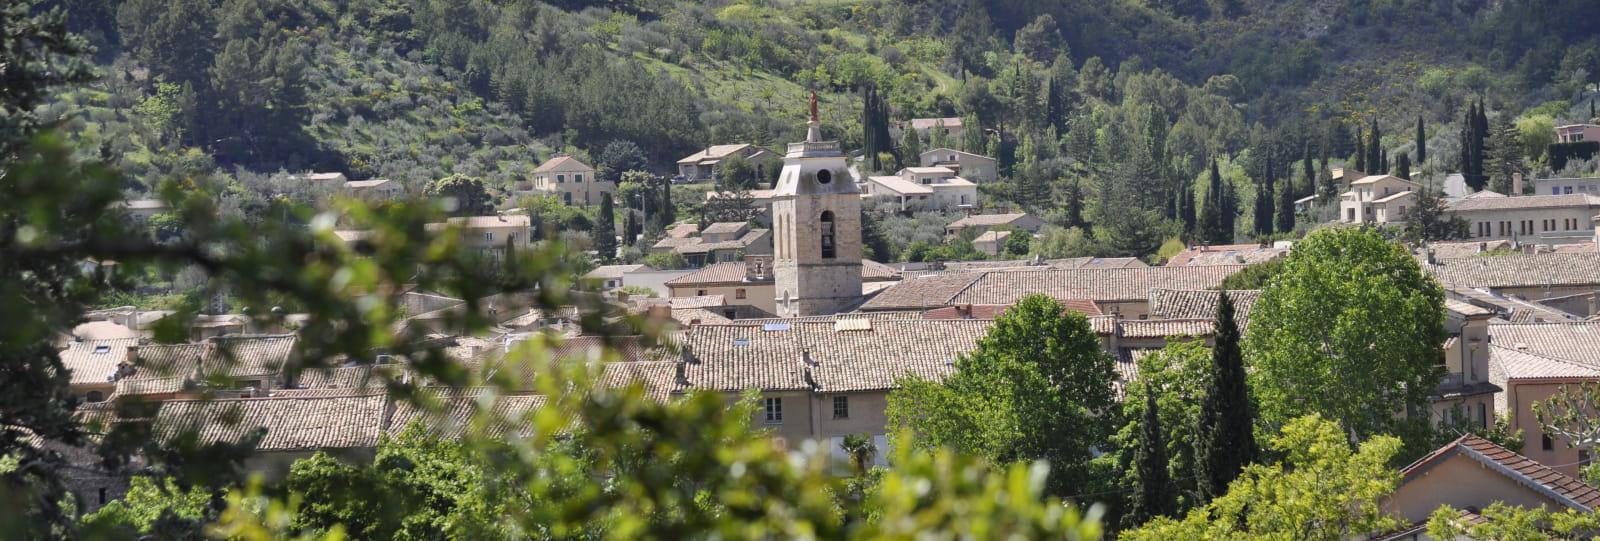 Plants & Wellness : Buis-les-Baronnies / Montbrun-les-Bains